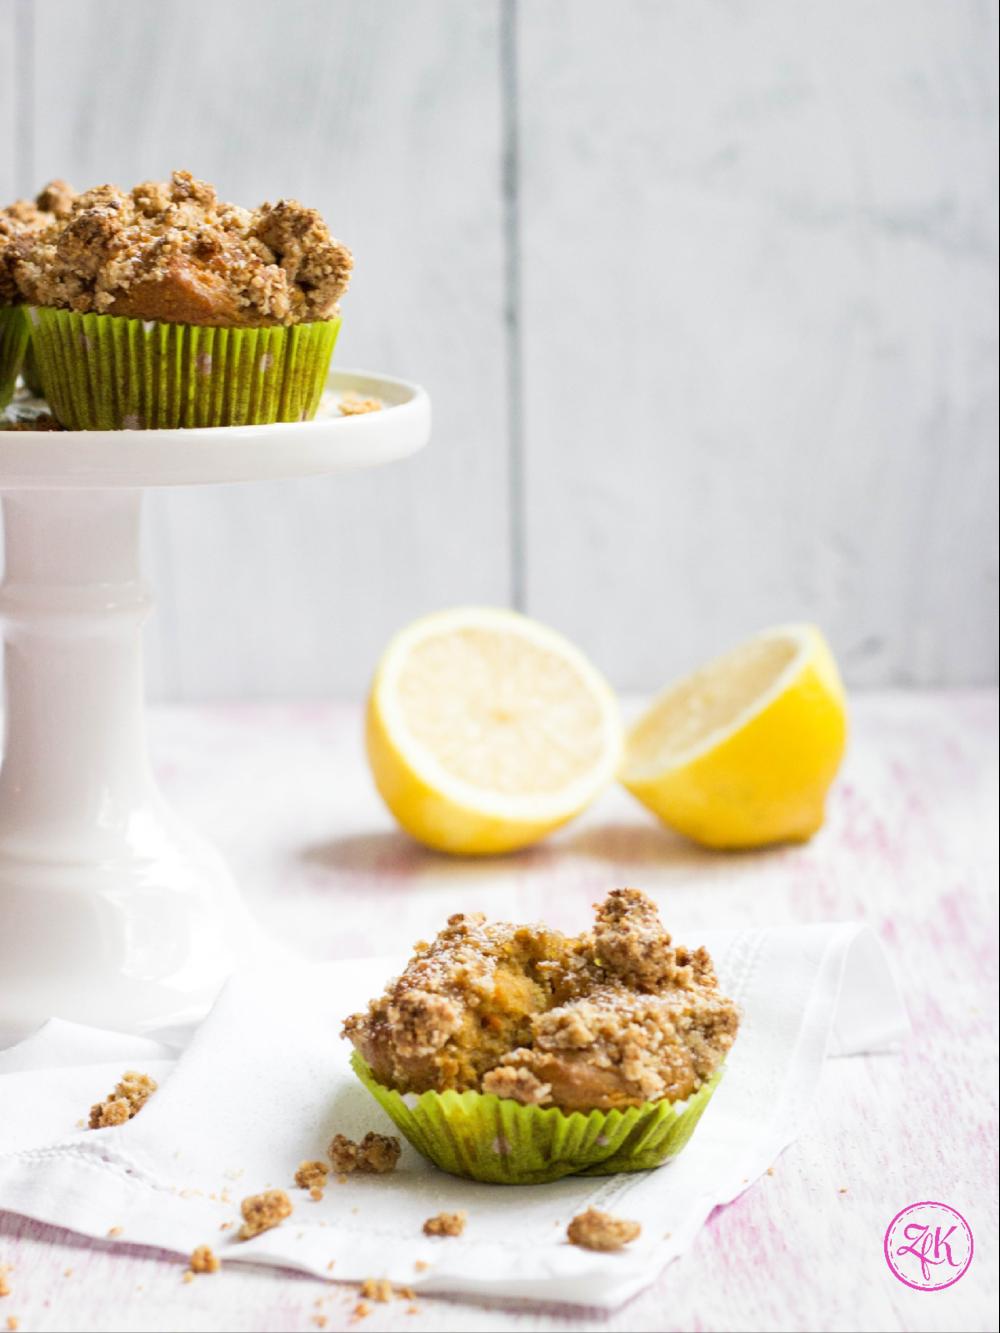 Muffins aus einem Birnen-Karotten Teig mit Amaranth-Streuseln